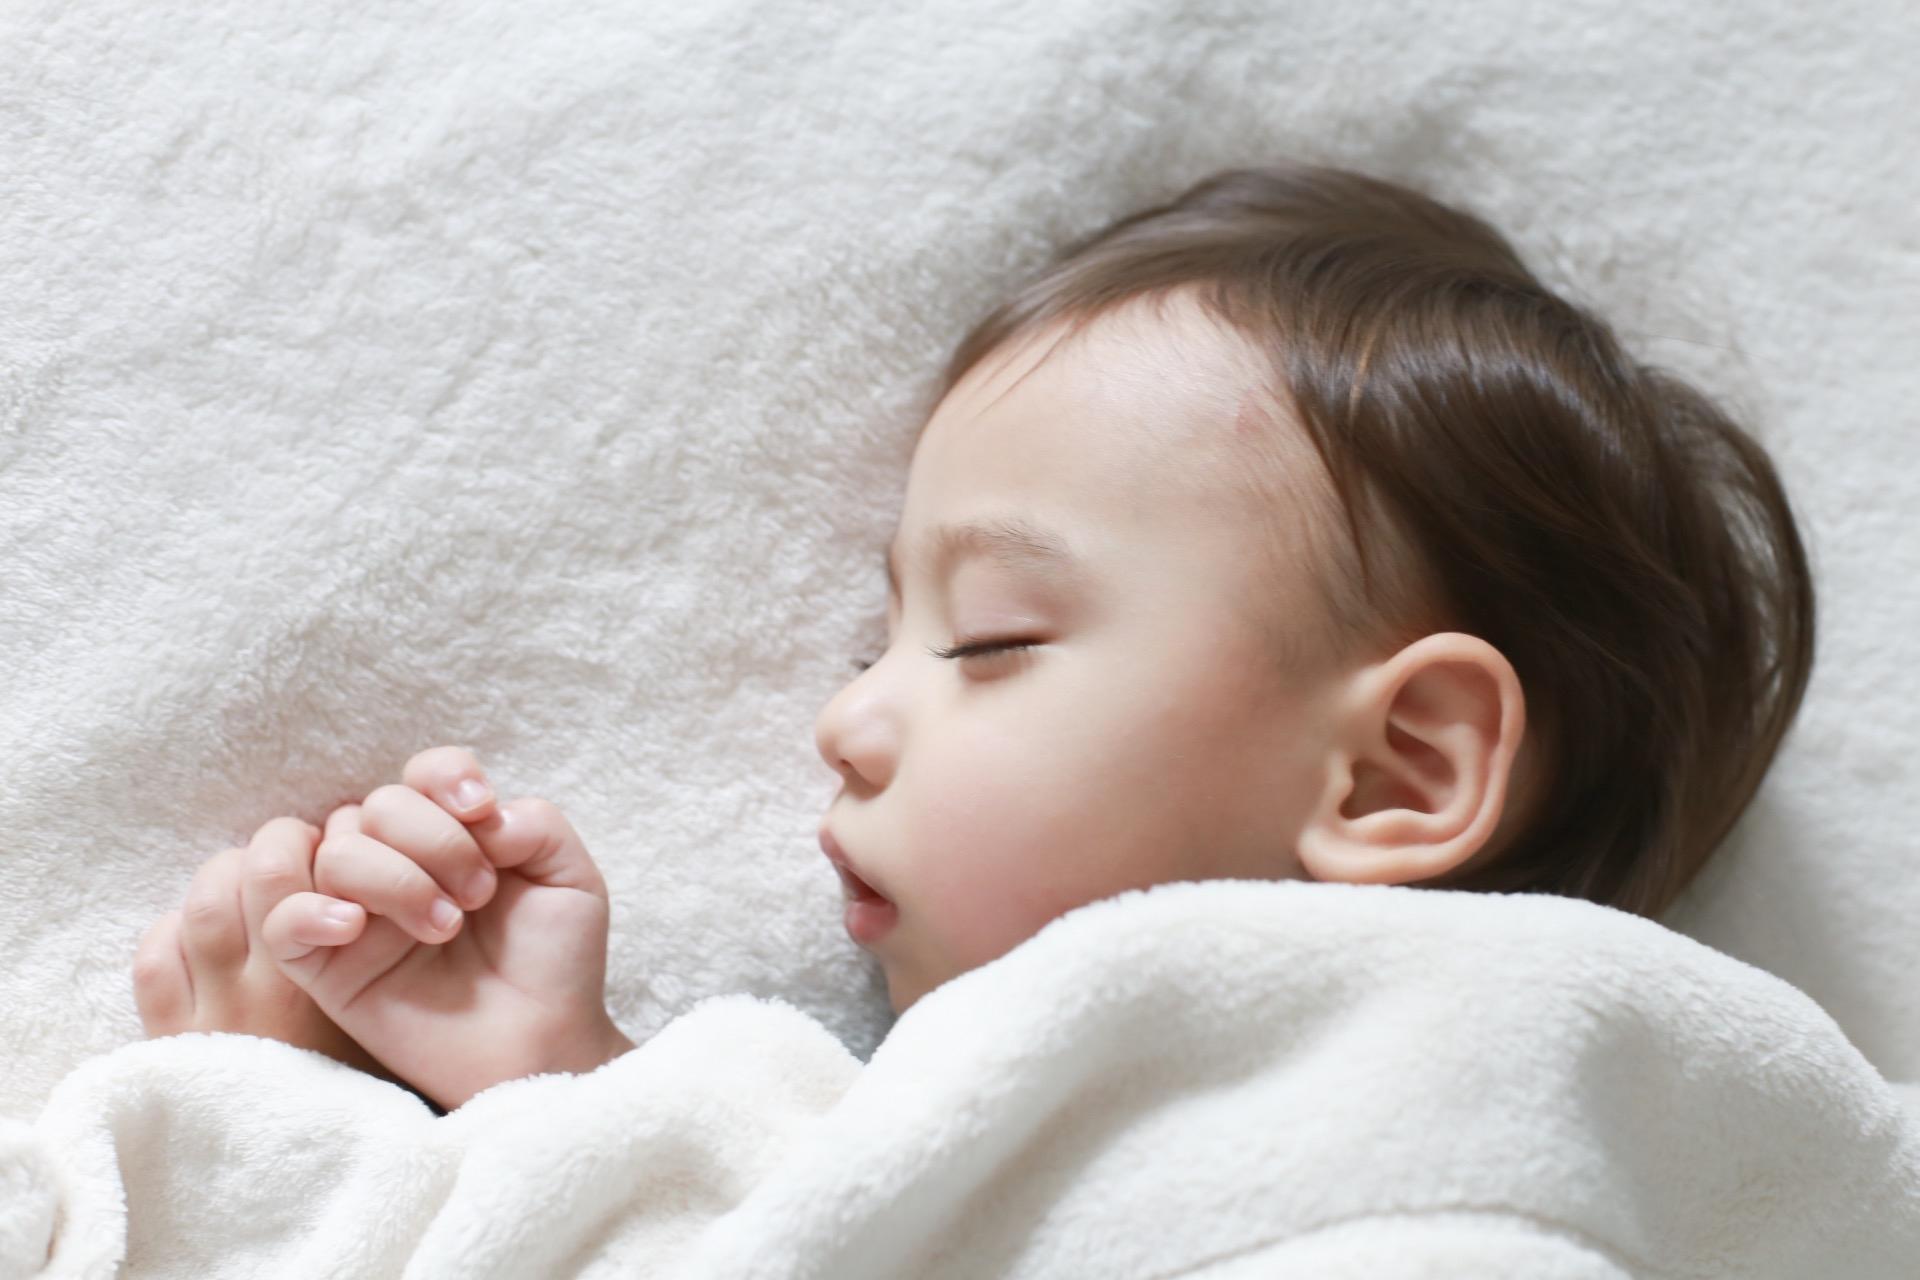 新生児のいる部屋の冷房の温度設定